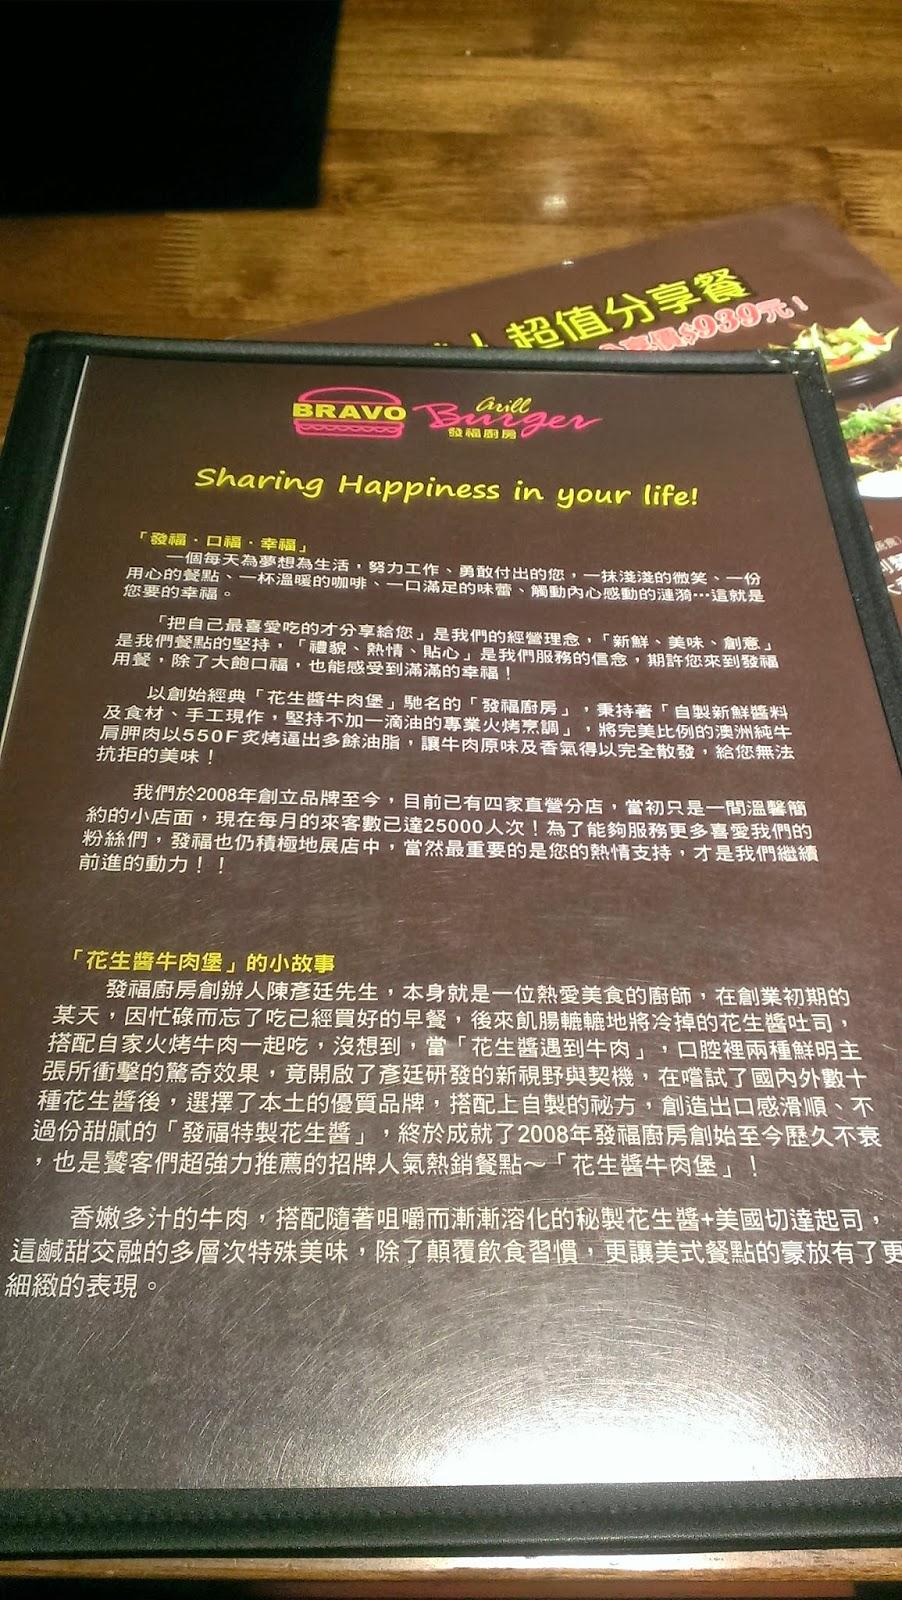 2014 07 27+18.07.12 2 - [食記] Bravo Burger 發福廚房 - 大口咬下美式漢堡,滿滿的熱量,滿滿幸福!